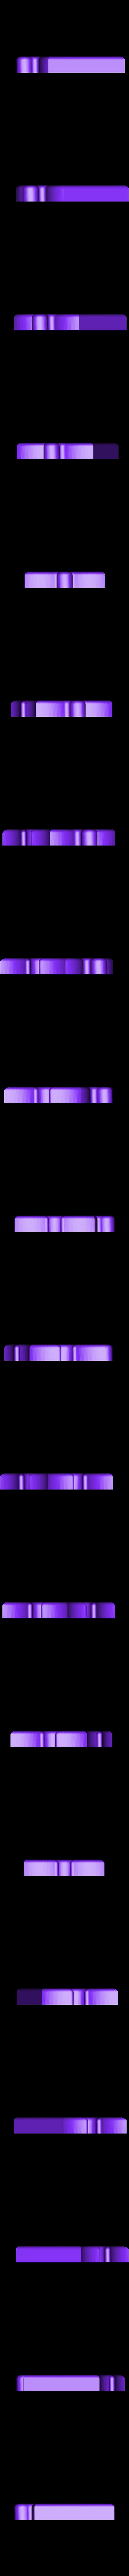 Cell_Puzzle_Bottom.STL Télécharger fichier STL gratuit Échecs démoctratiques • Modèle à imprimer en 3D, Ghashnarb